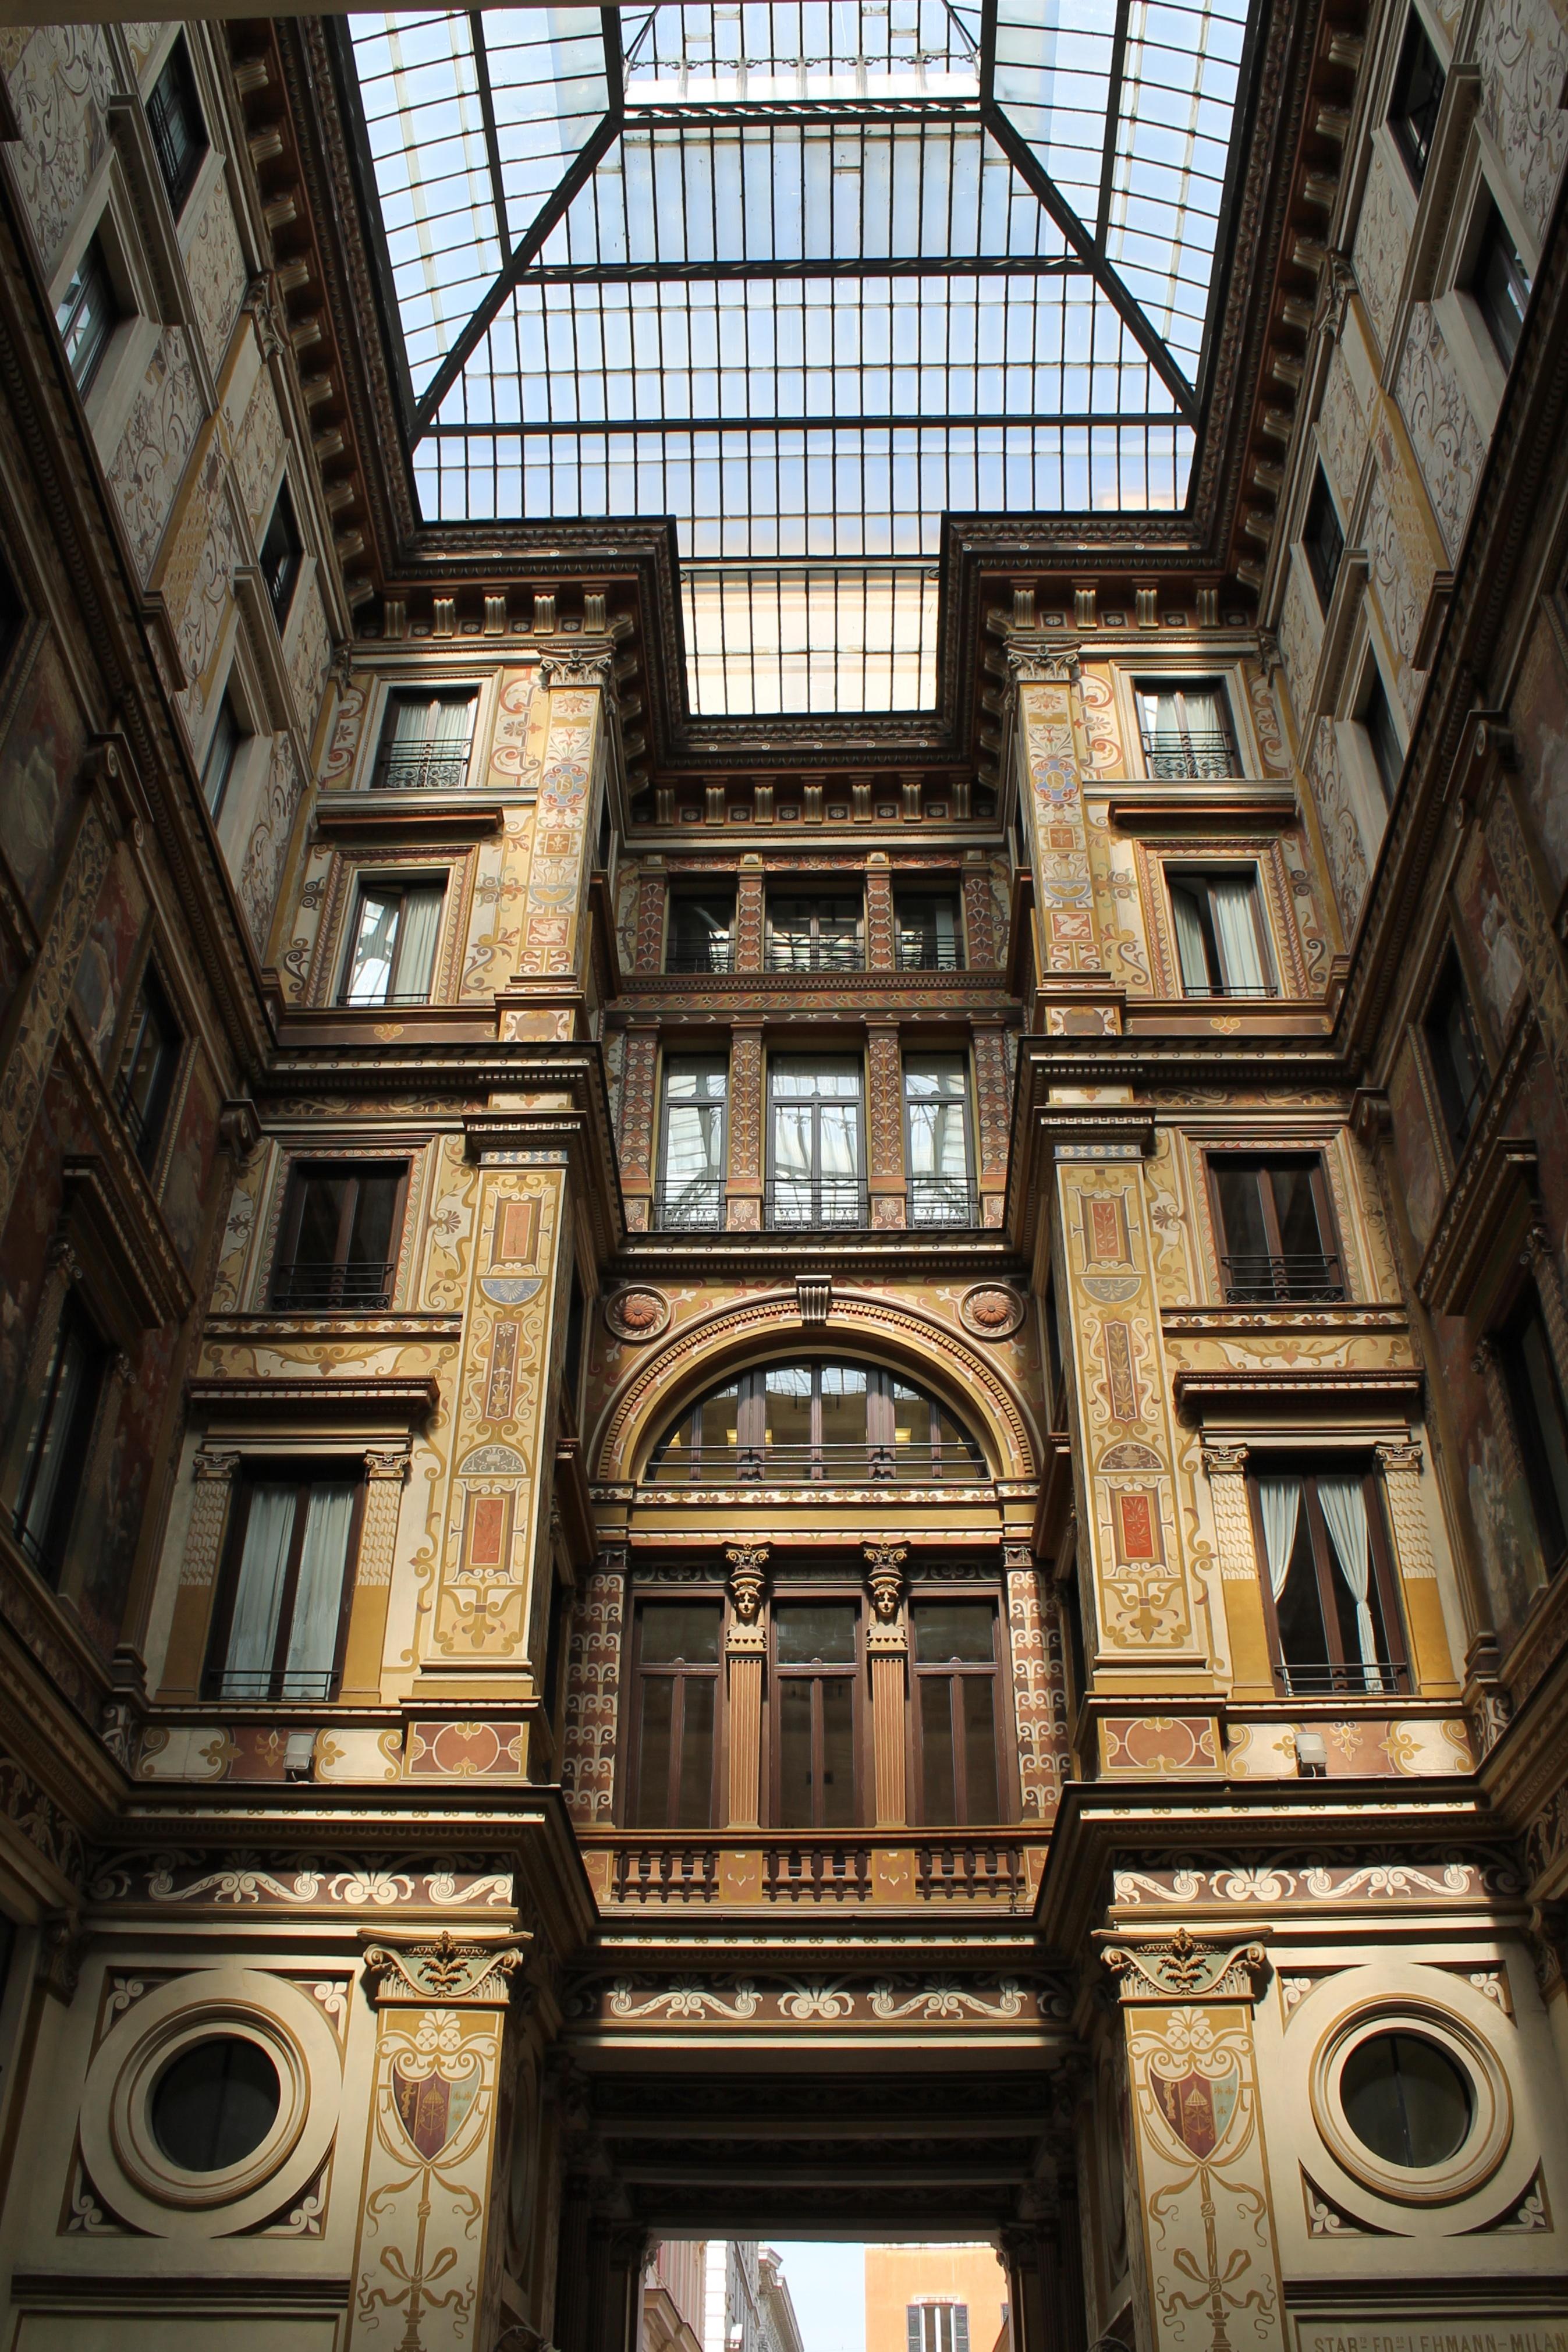 Architecture, Building, Concrete, Construction, High, HQ Photo